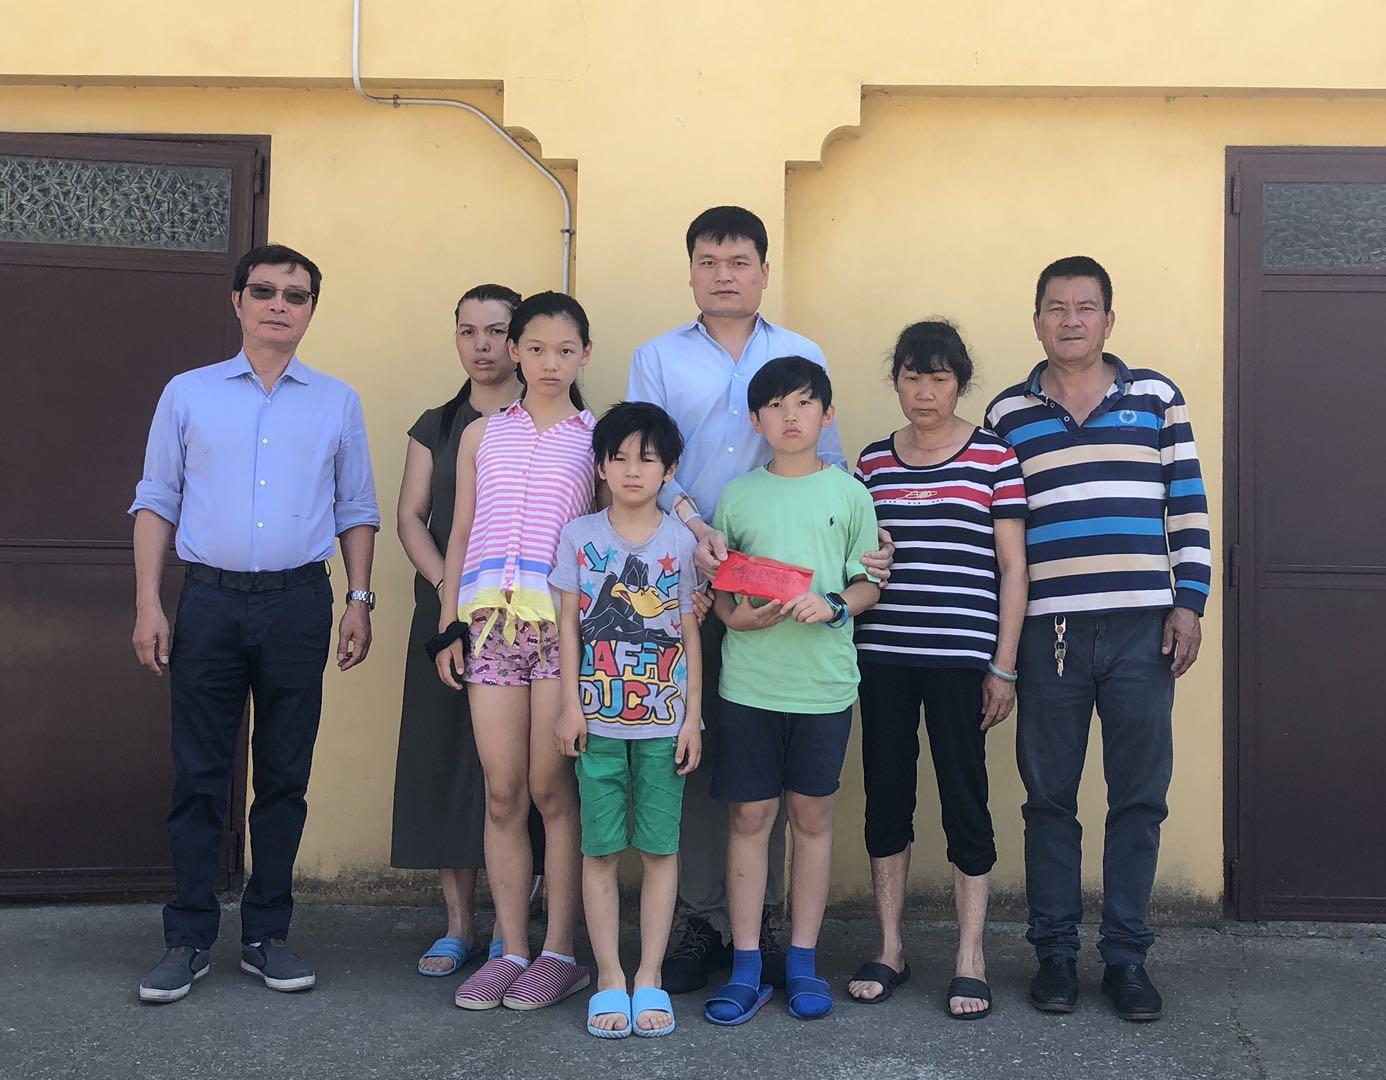 布雷西亚华人商会为了不幸同胞洪敏的家属积极募捐